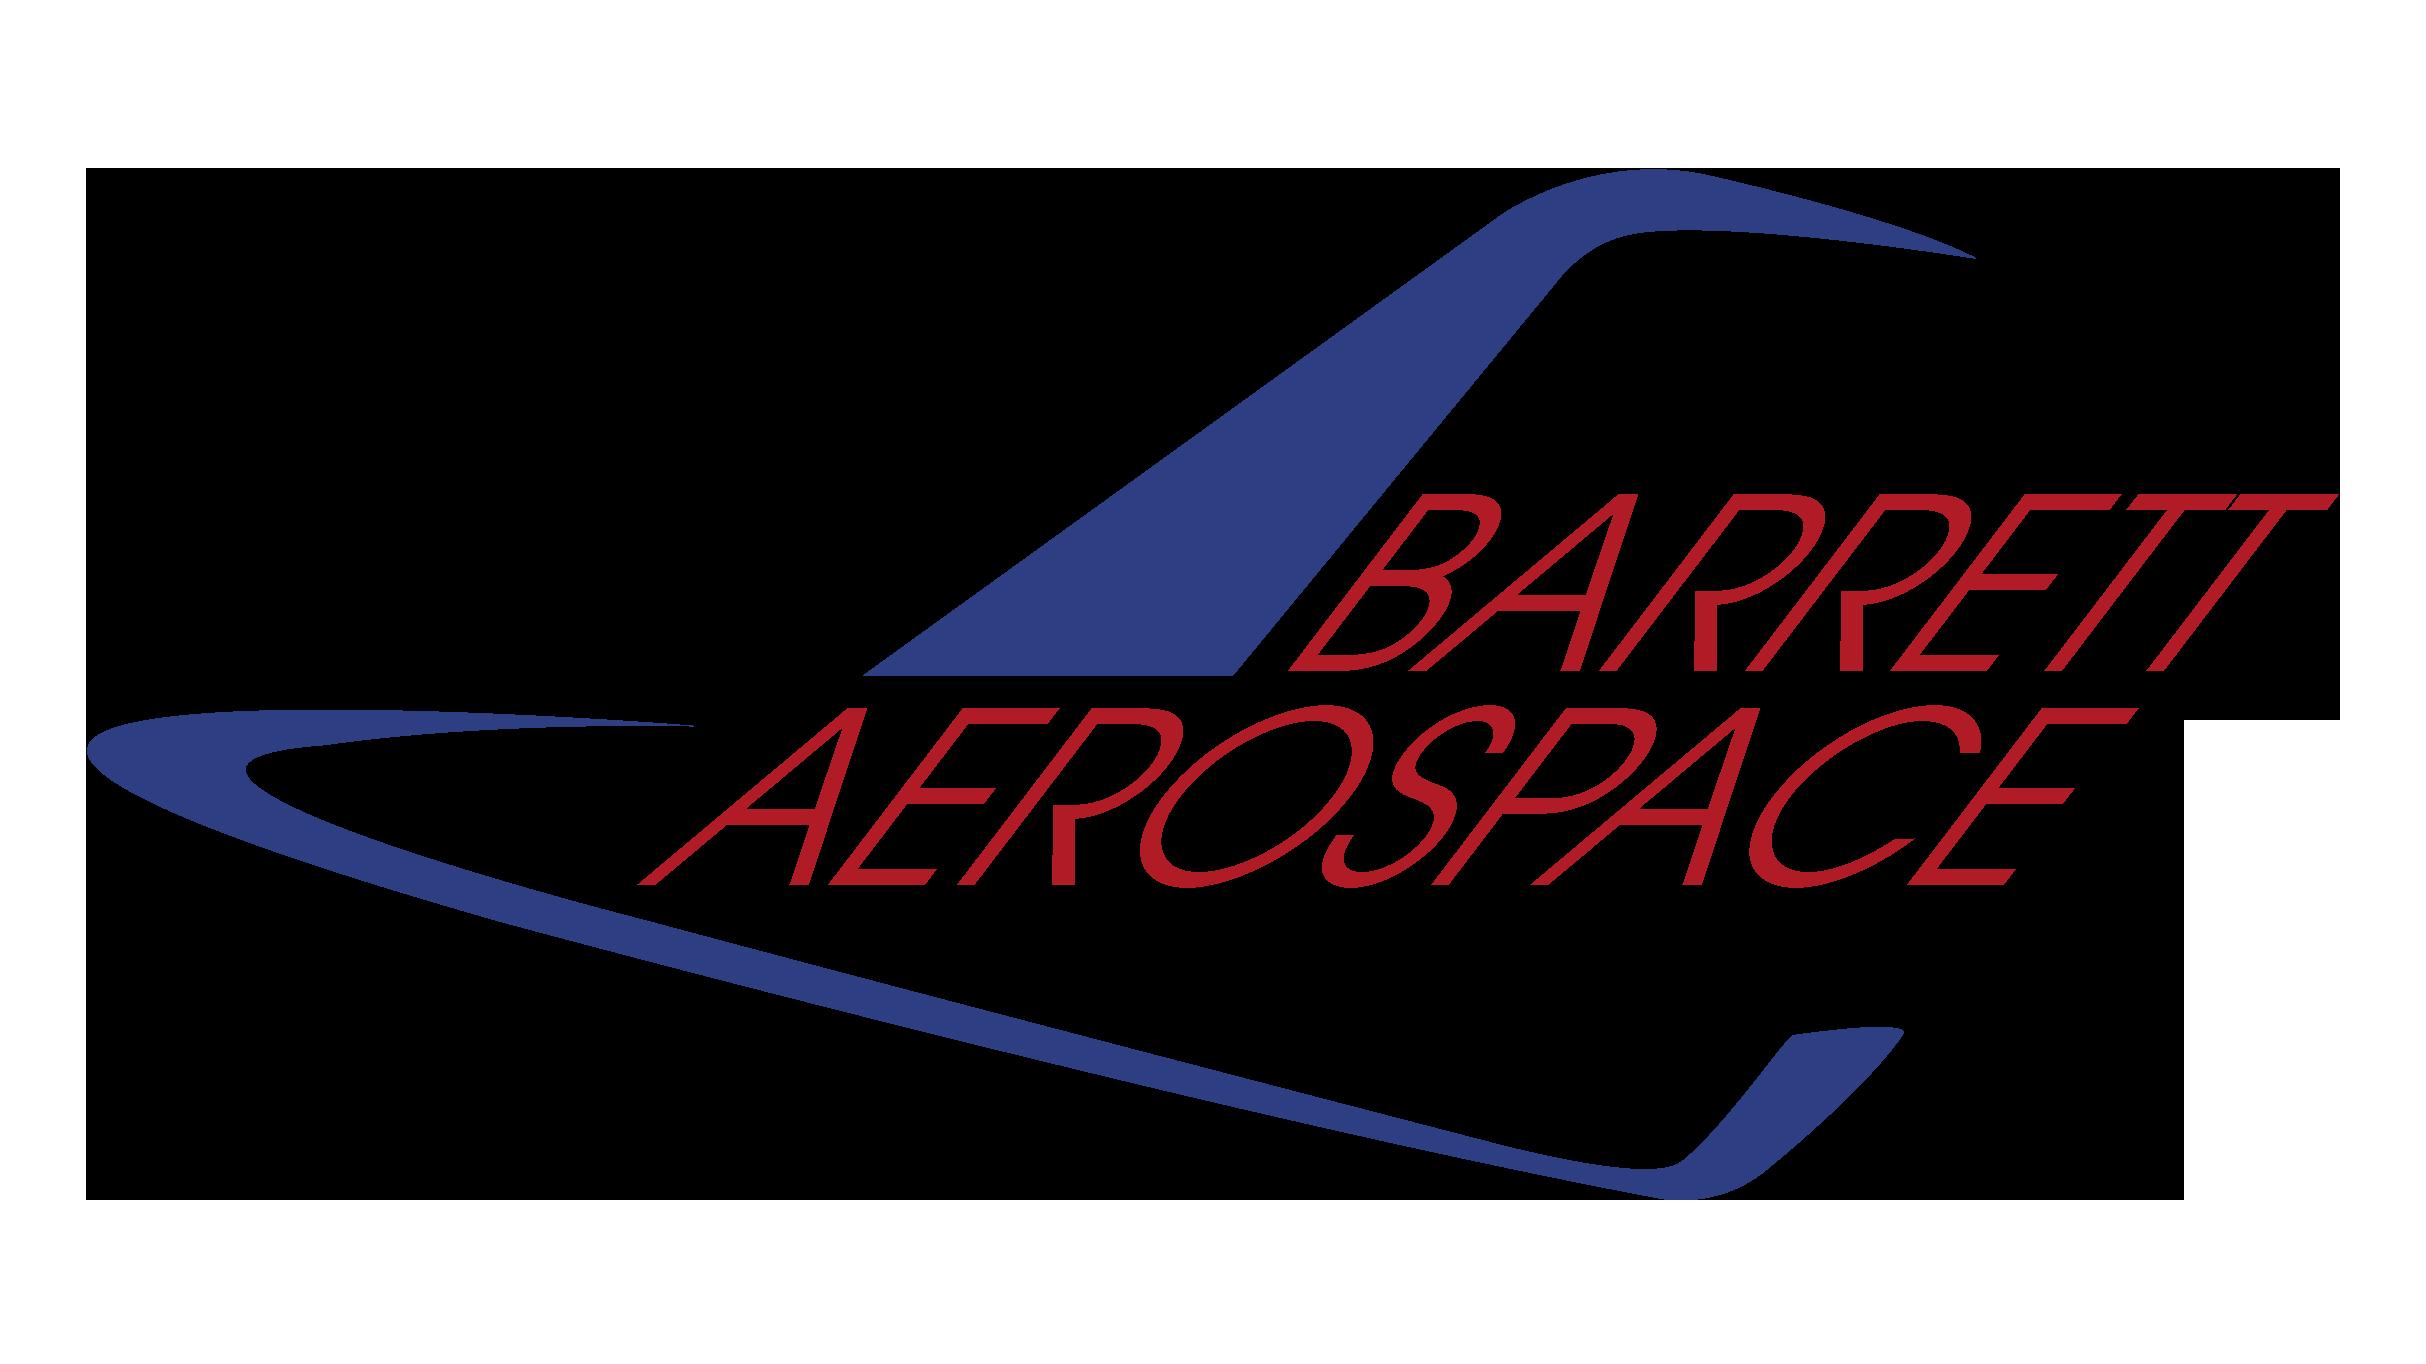 Barrett Aerospace logo Pantone.png